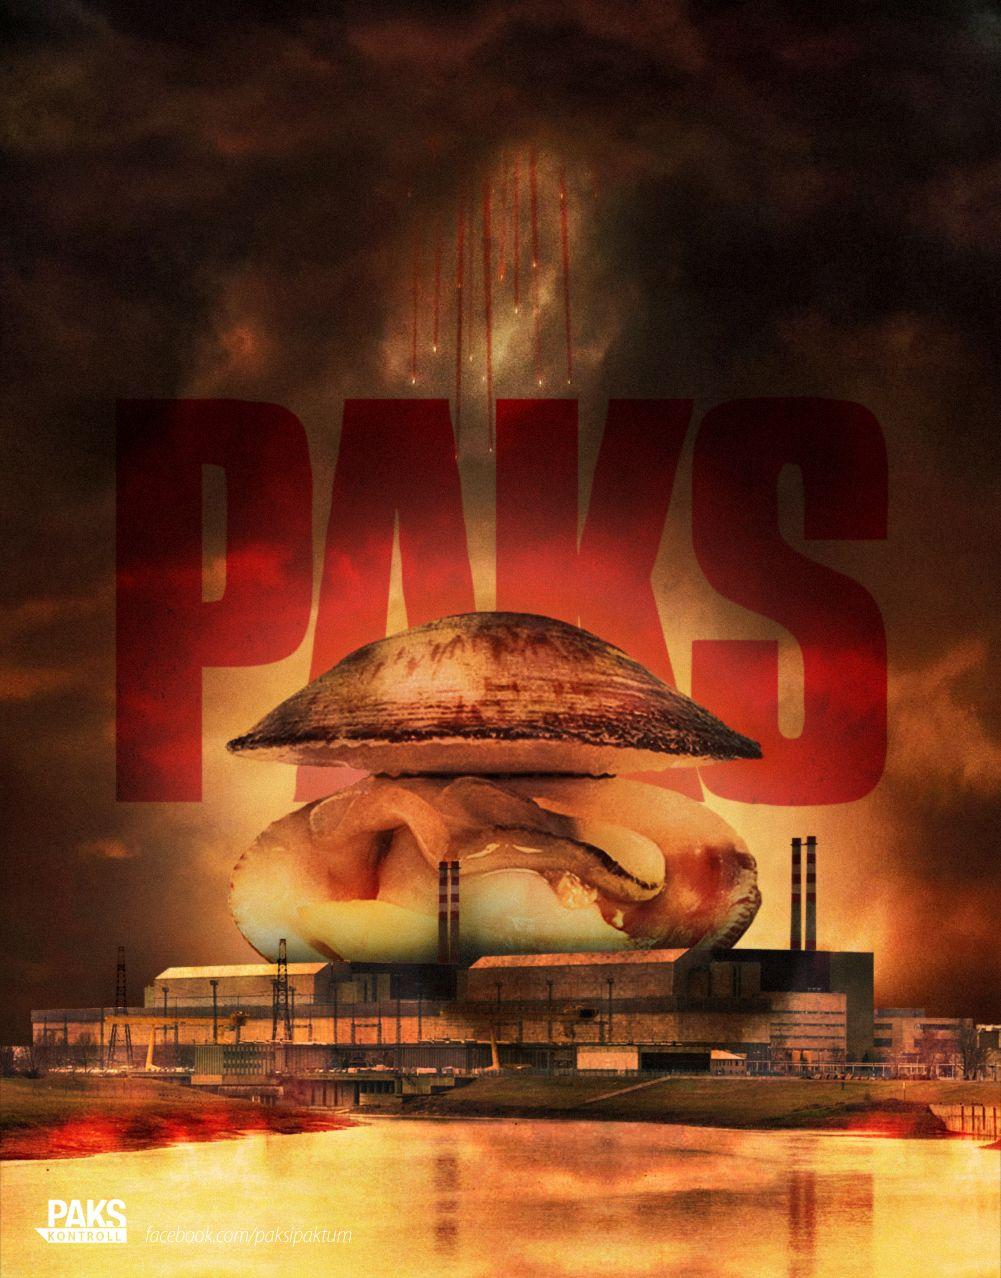 Sci-fi forgatókönyvek és Paks II. engedélyezése